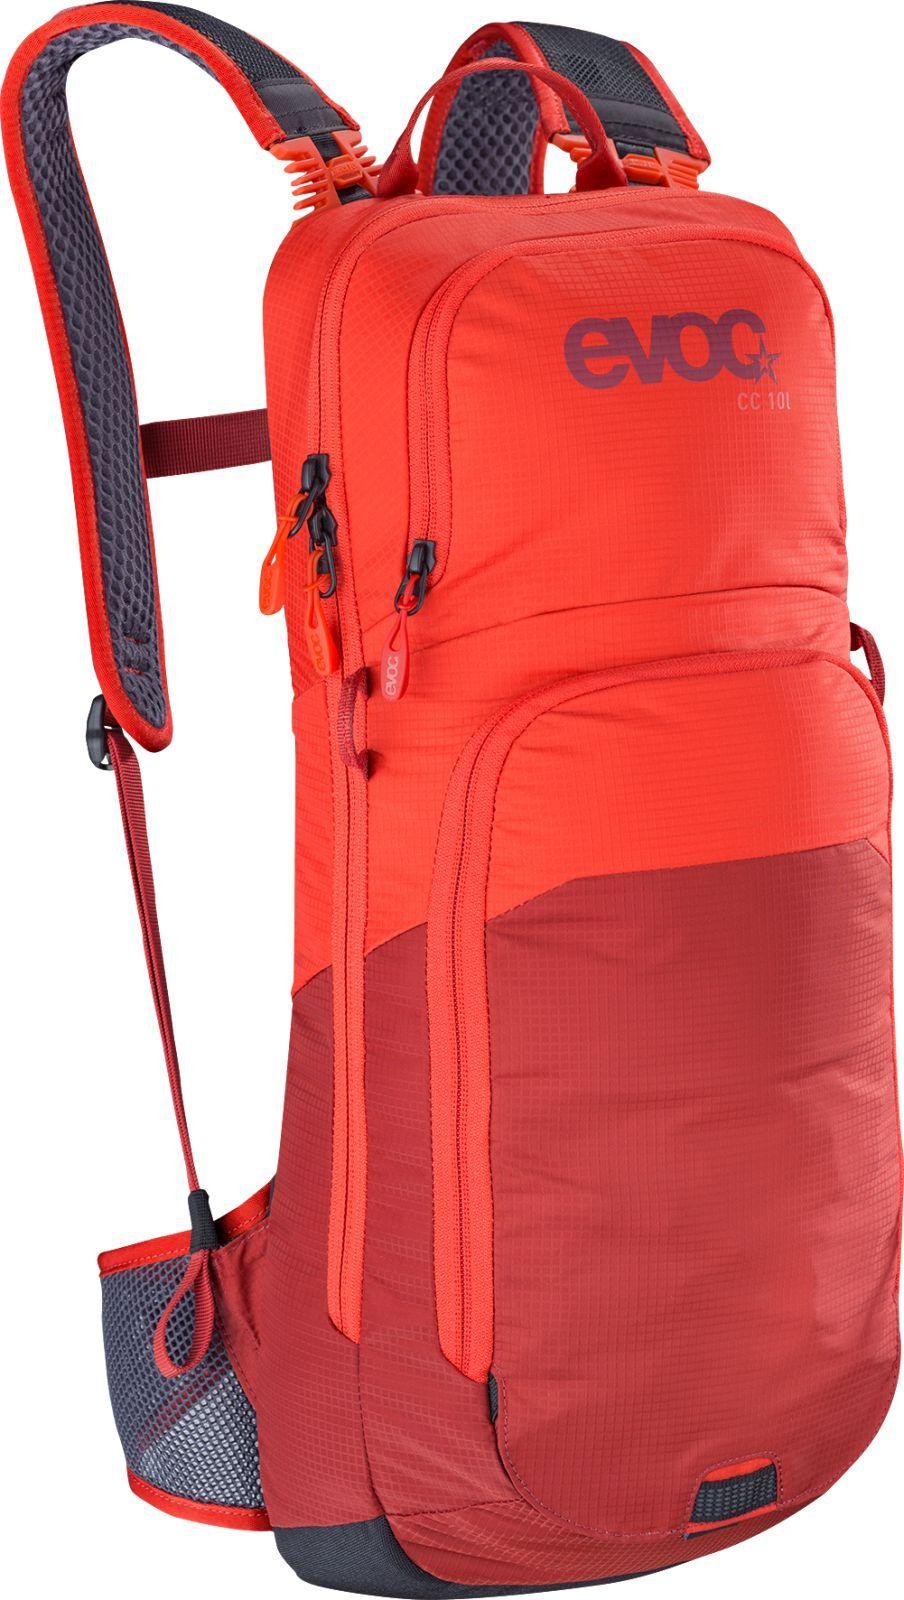 Evoc CC 10L  - orange/chili red uni